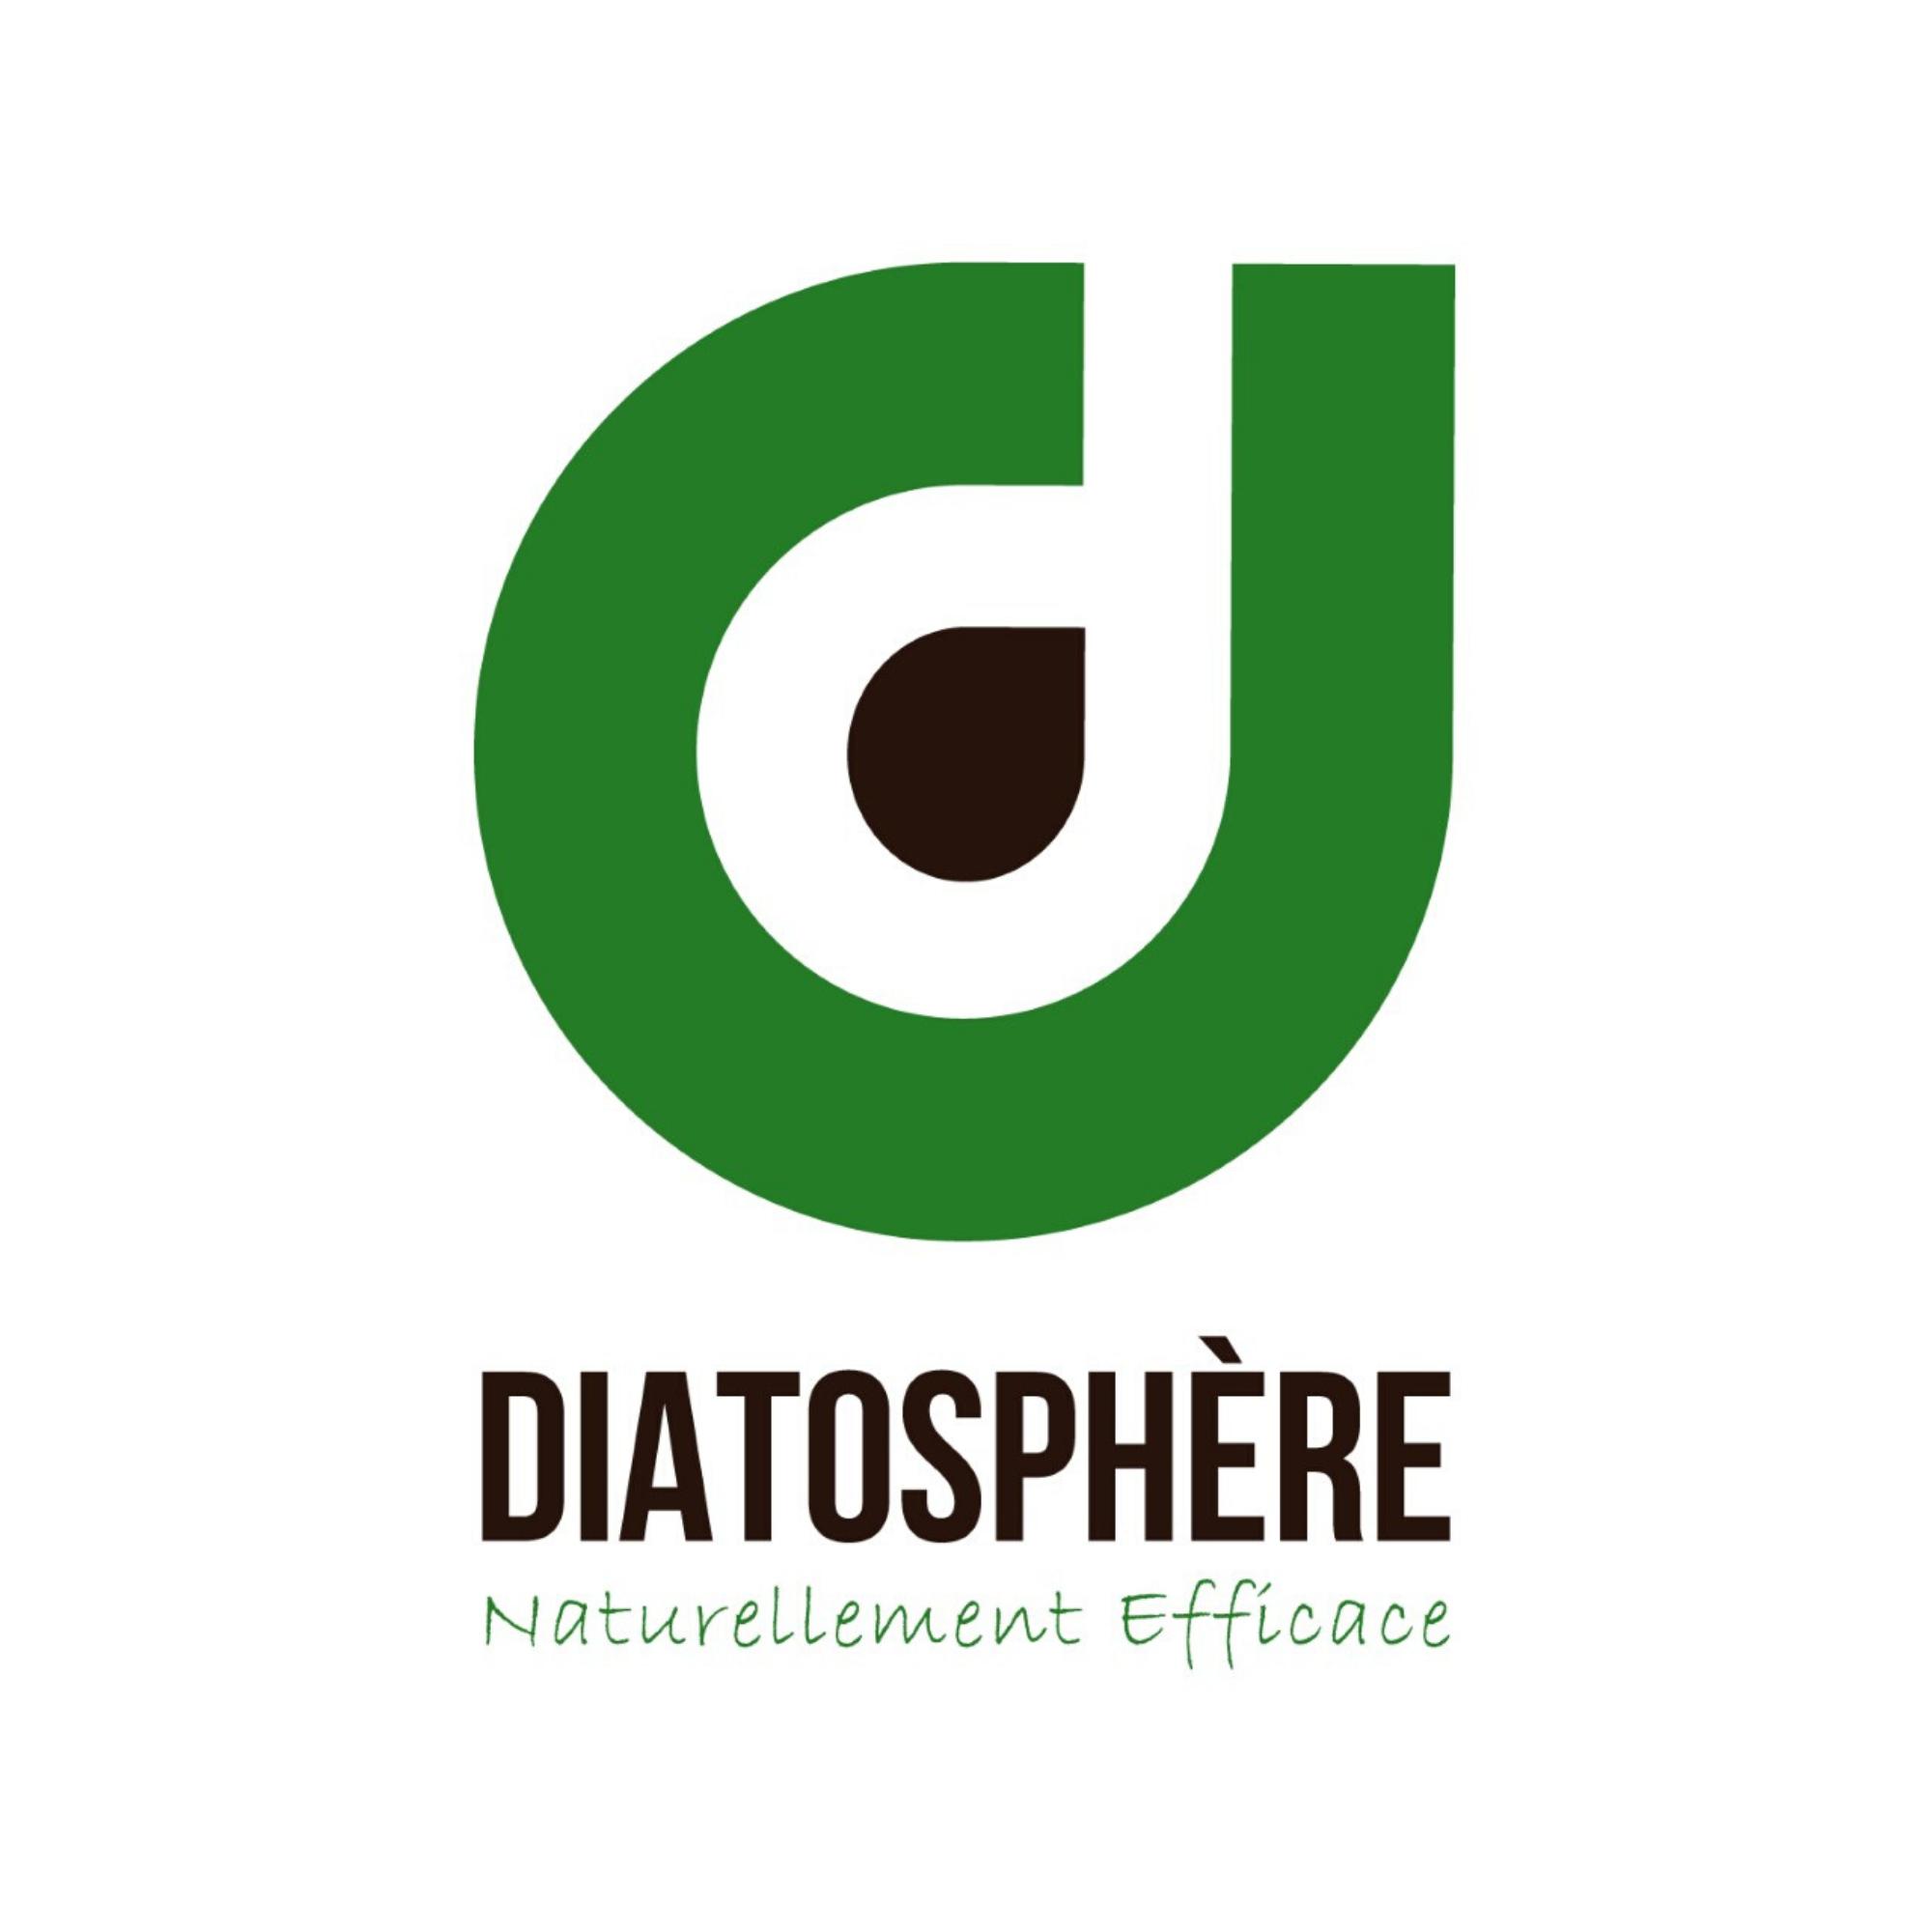 Diatosphere,produits de soins pour poules, lapin, volailles, pigeons.Soigner les maladies des pondeuses et autres animaux d'élevage de manière naturelle et efficace.